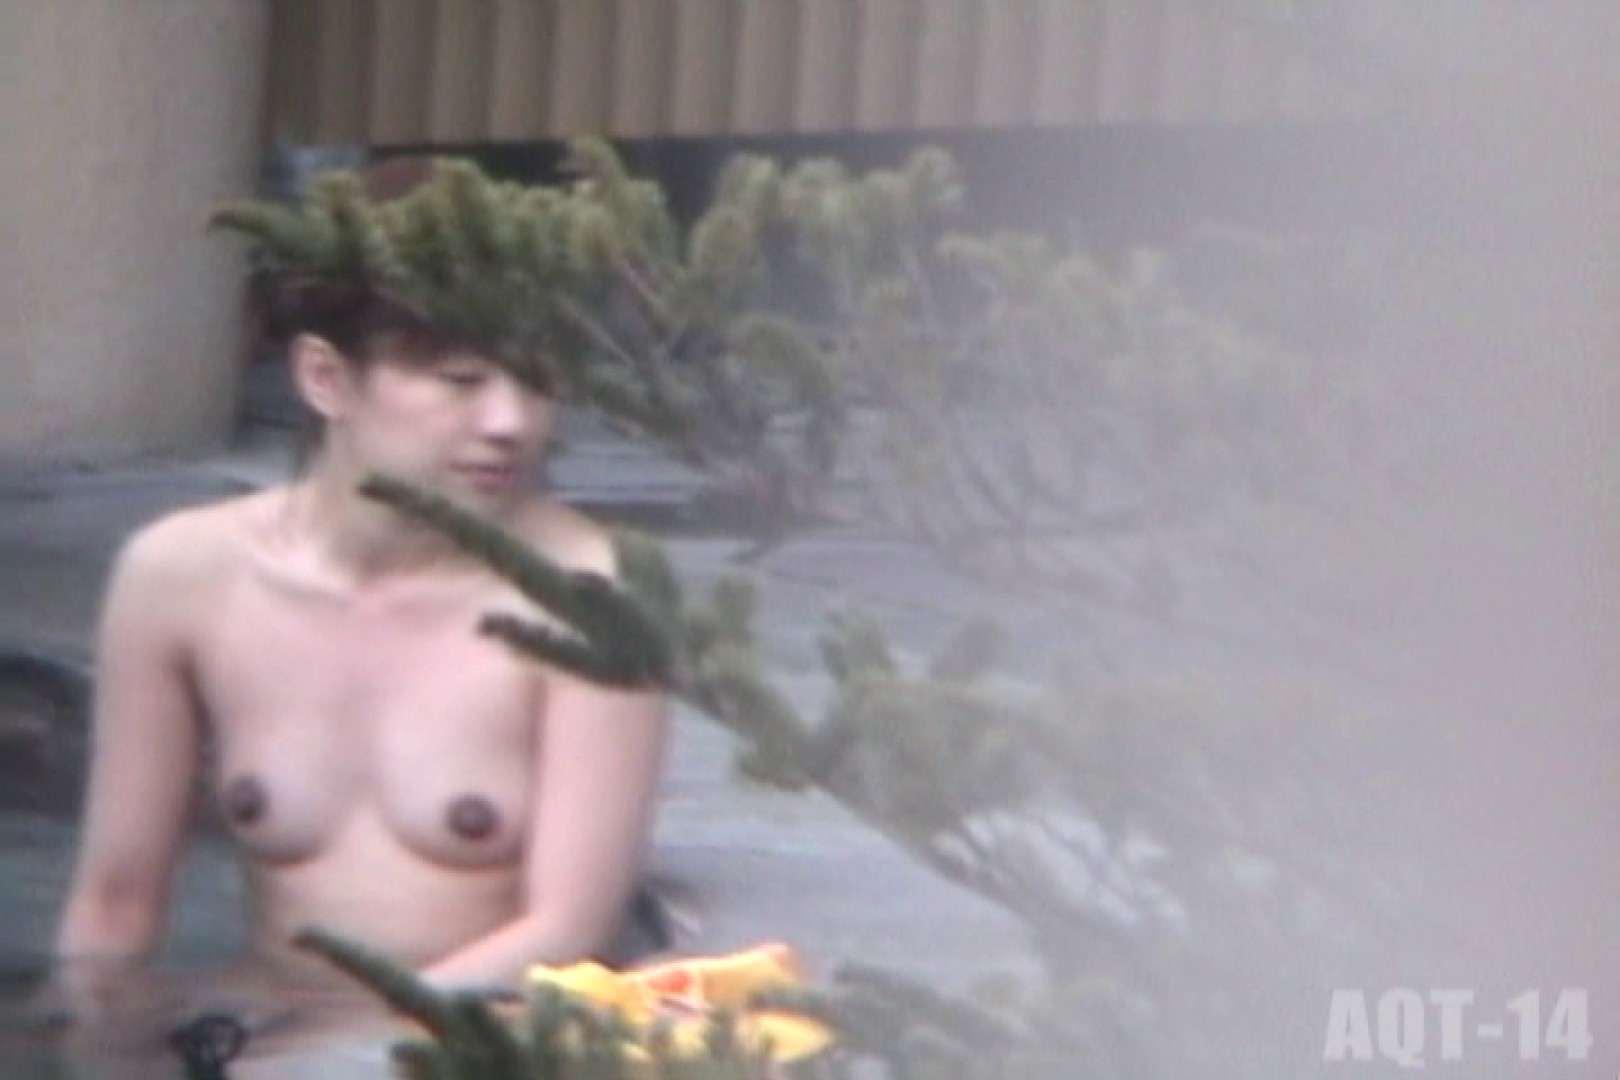 Aquaな露天風呂Vol.821 美しいOLの裸体 オメコ無修正動画無料 78pic 26